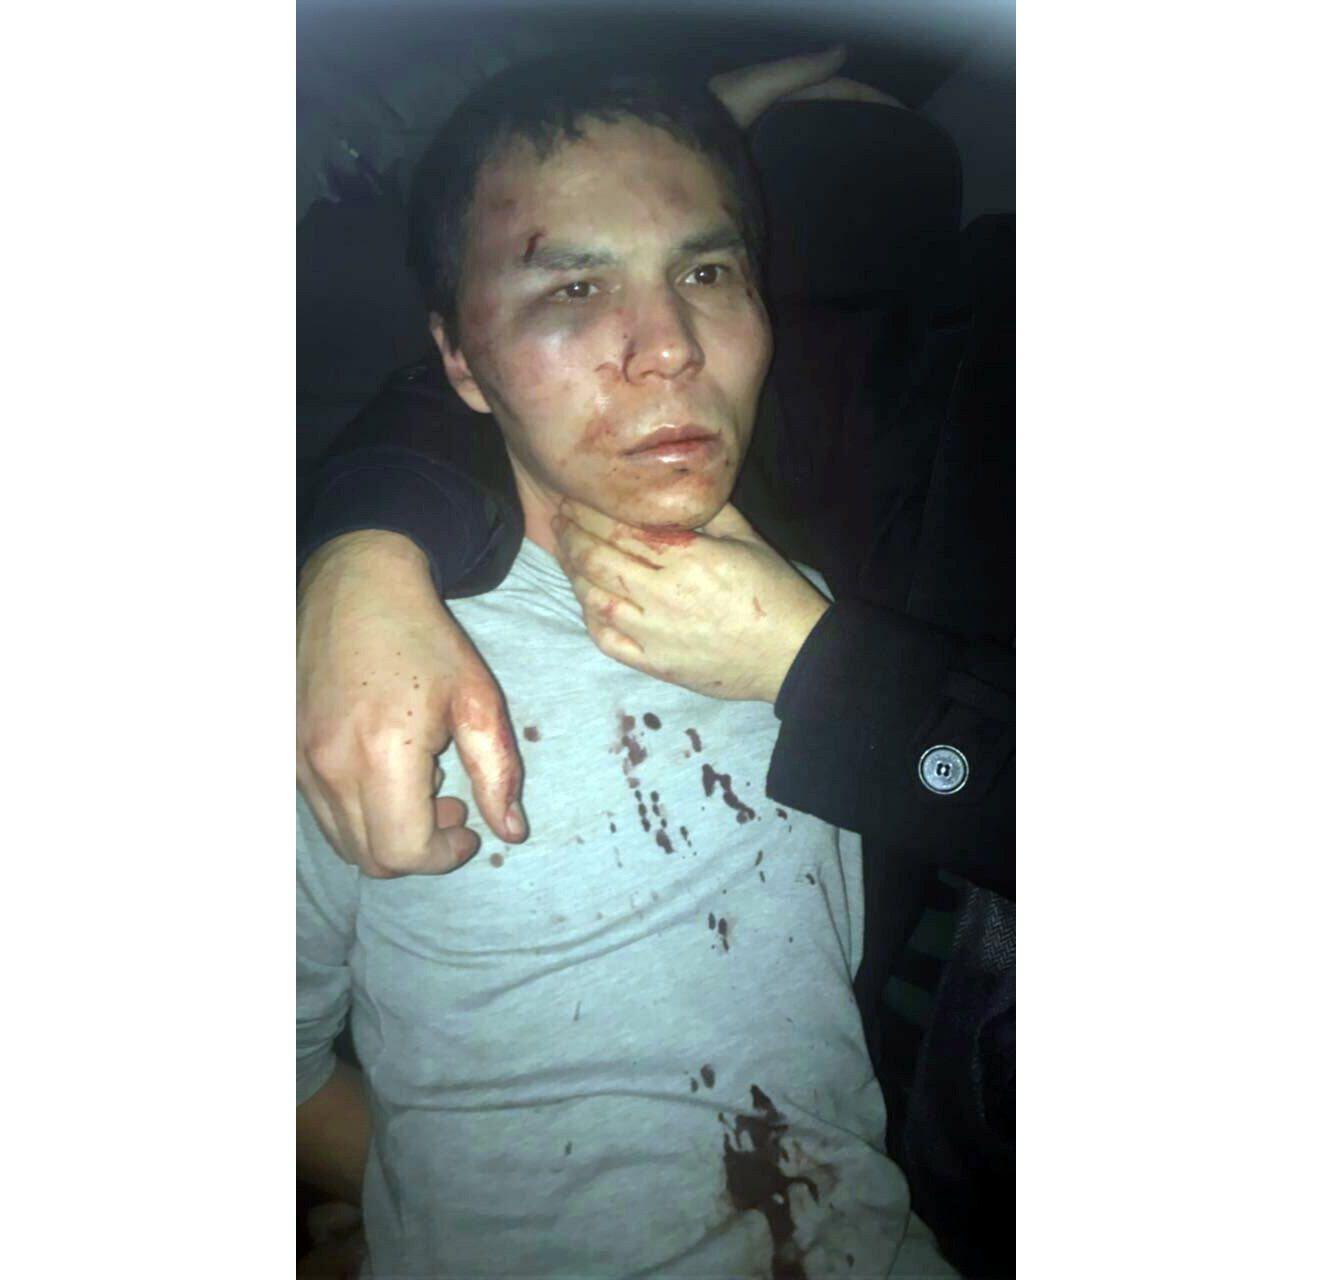 Strage di Capodanno a Istanbul: arrestato il terrorista Abdulkadir Masharipov